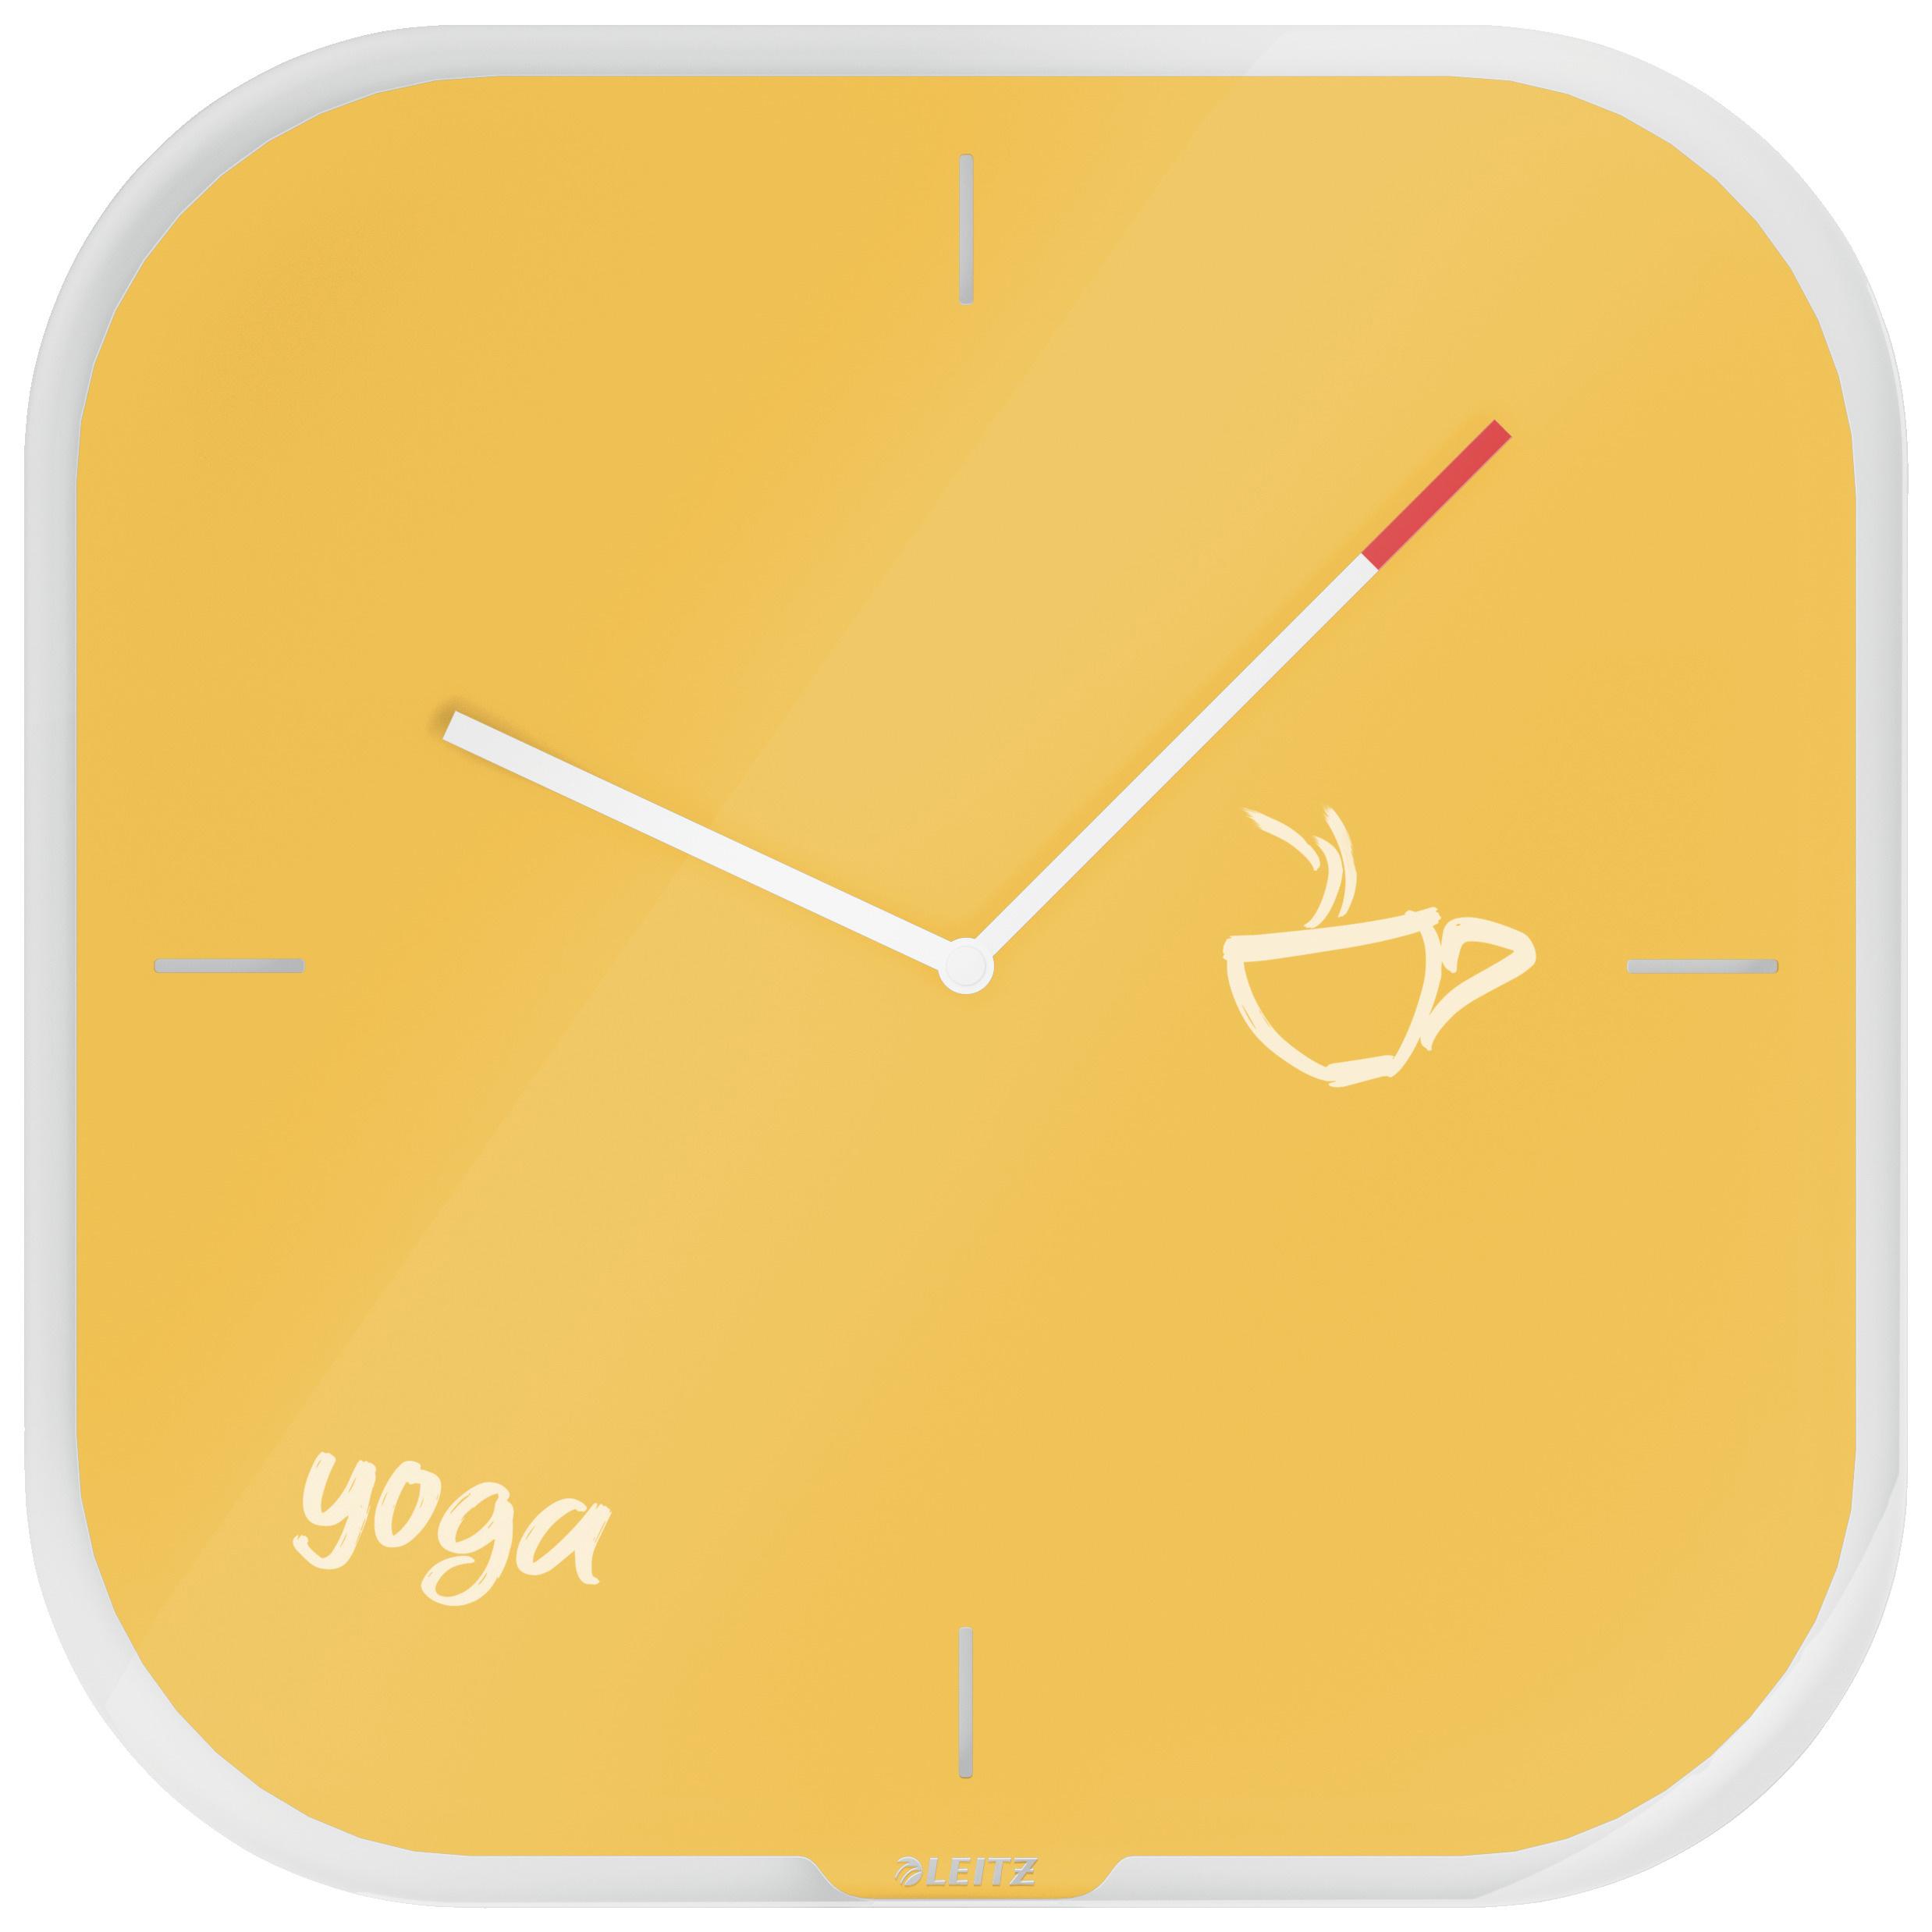 Часы настенные Cosy, квадратные, стекло, желт. LEITZ - фото 2